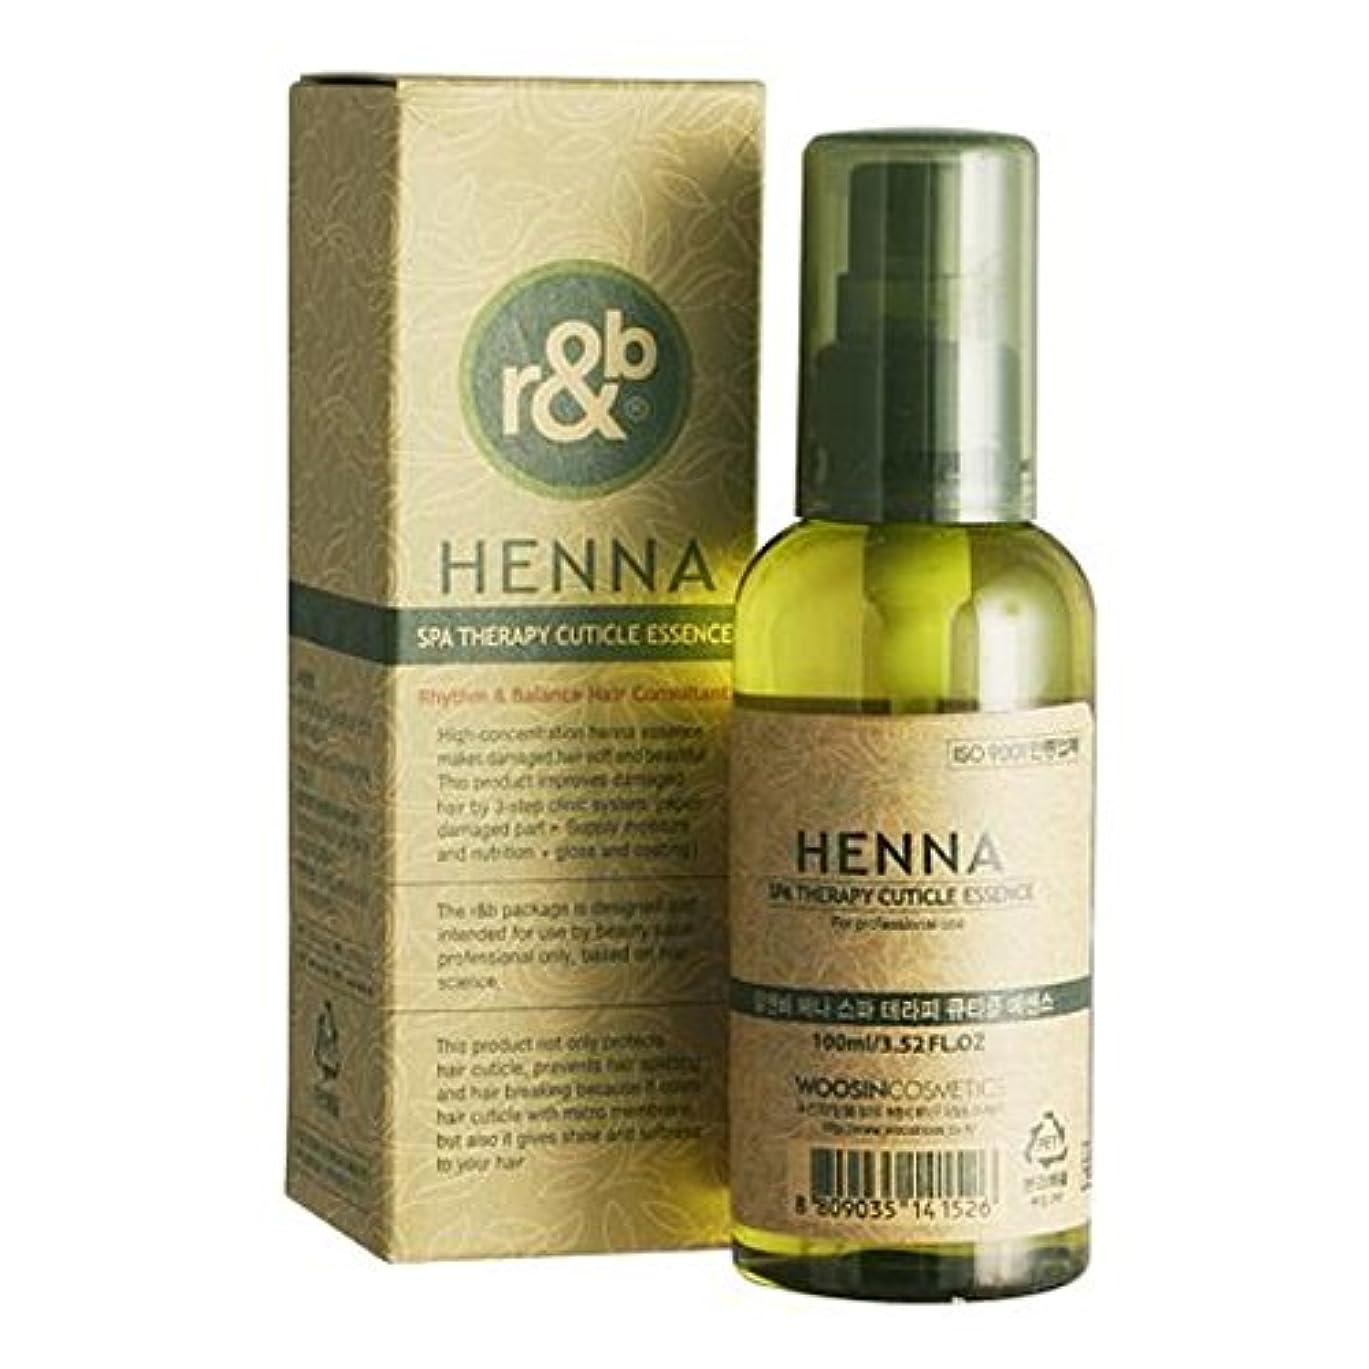 別の金貸し気難しい[Woosin/ウシン] R&B Henna Spa Therapy Cuticle Essence 100ml/ウシンR&Bヘナスパセラピーキューティクルエッセンス(海外直送品)